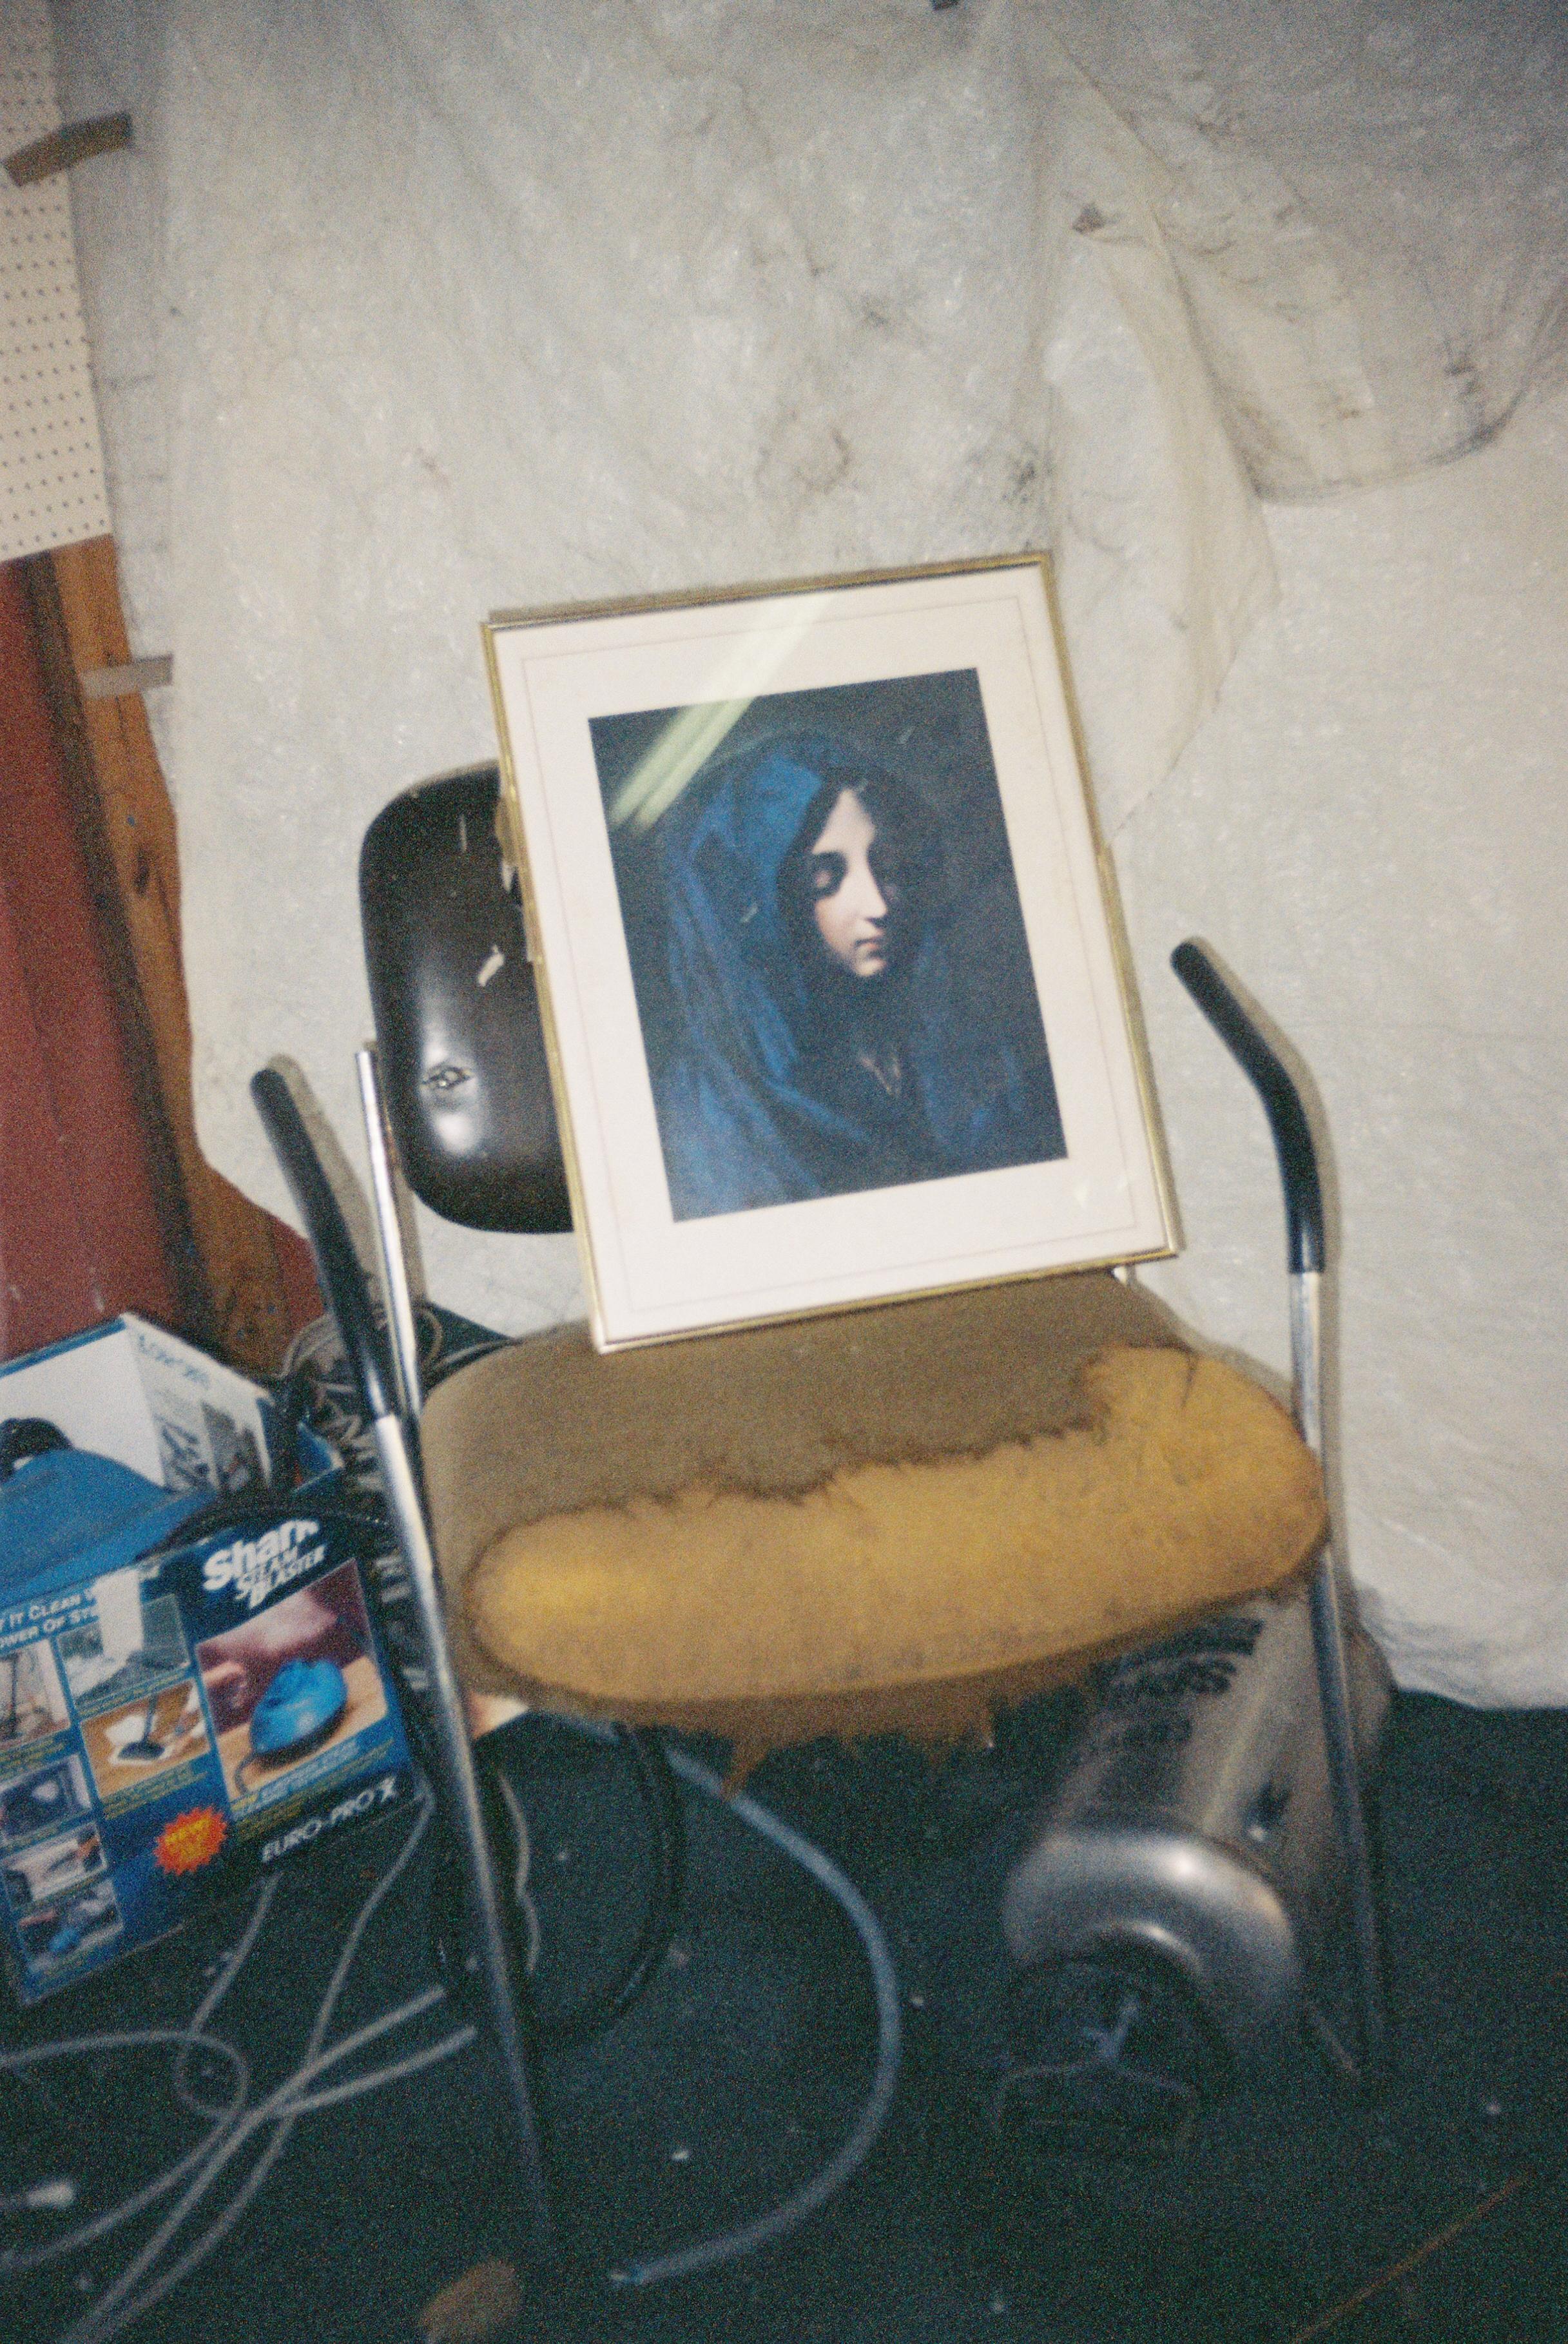 JenNuge_JenNuge-R1-021-9.jpg